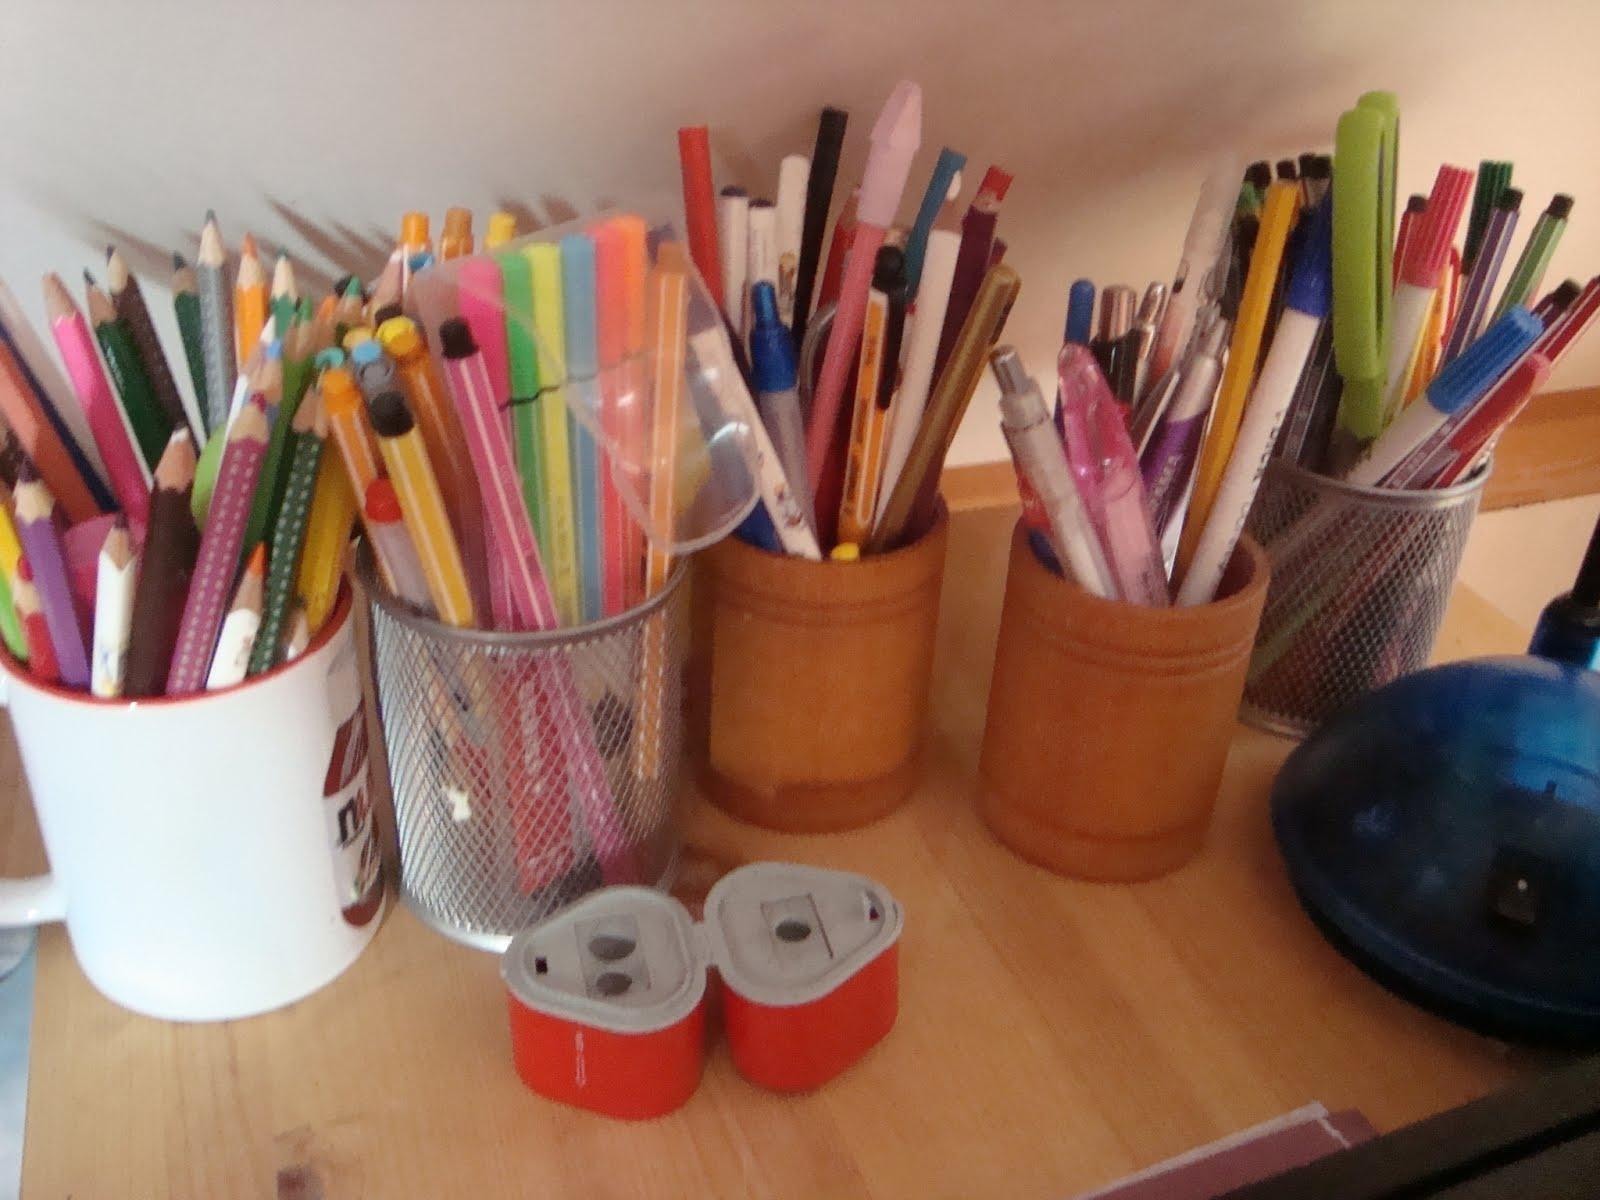 Stiftebecher immer griffbereit !